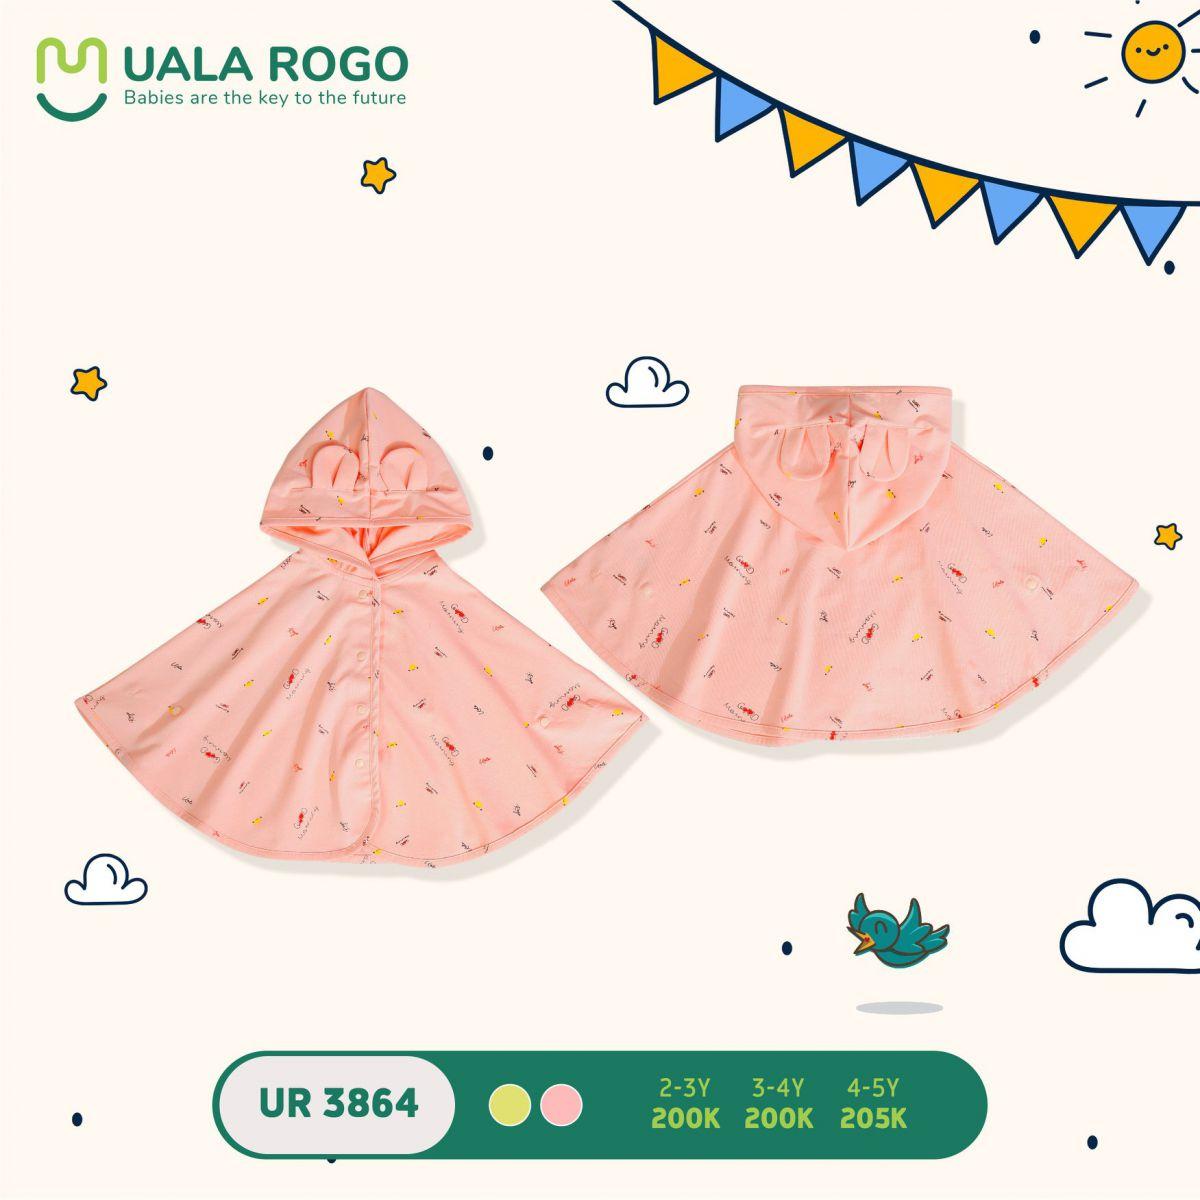 UR3864.6 - Áo choàng đa năng Uala Rogo - Màu cam